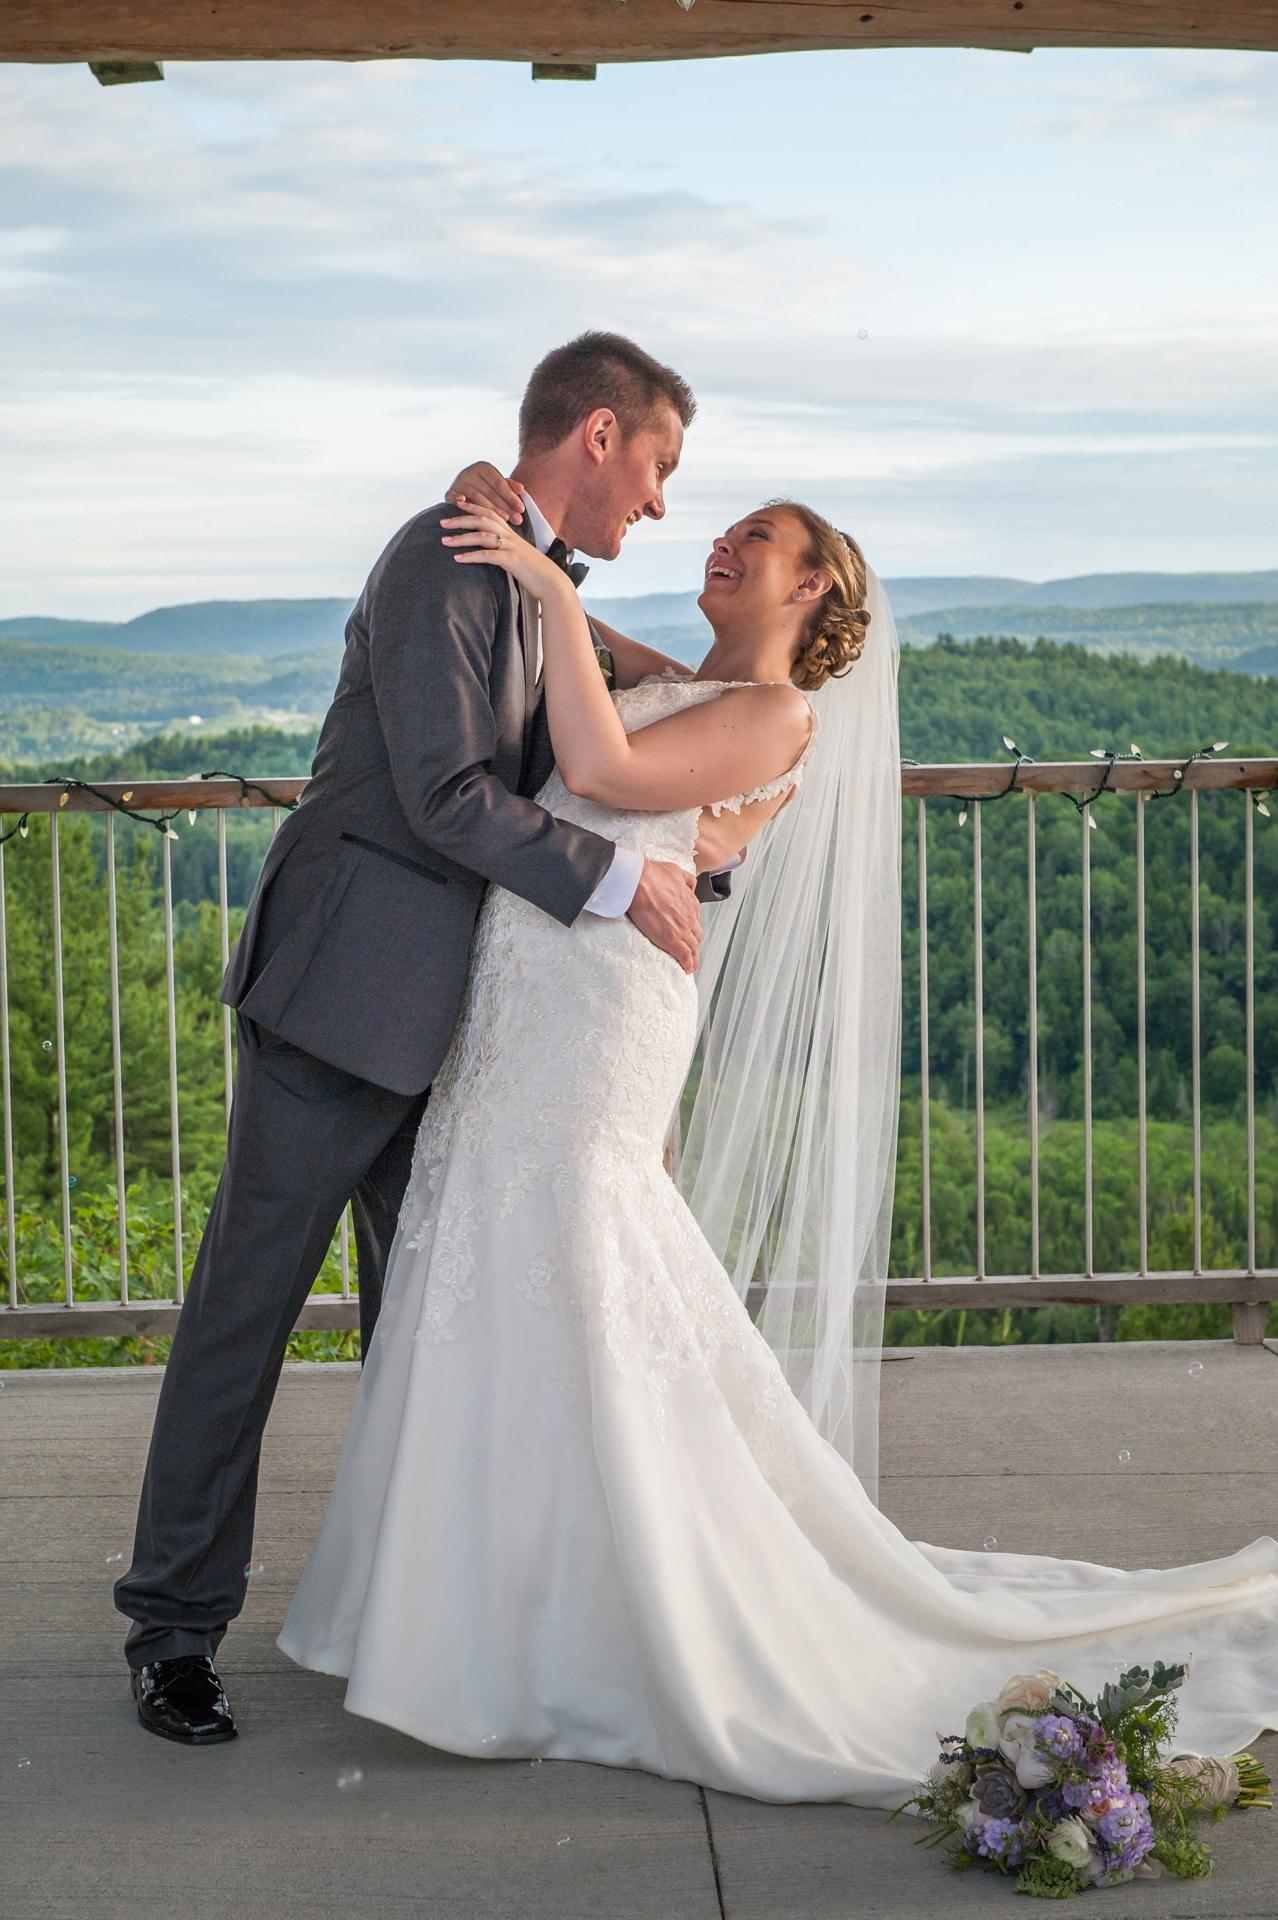 Kelly-&-Scott's-Wedding-Day-189